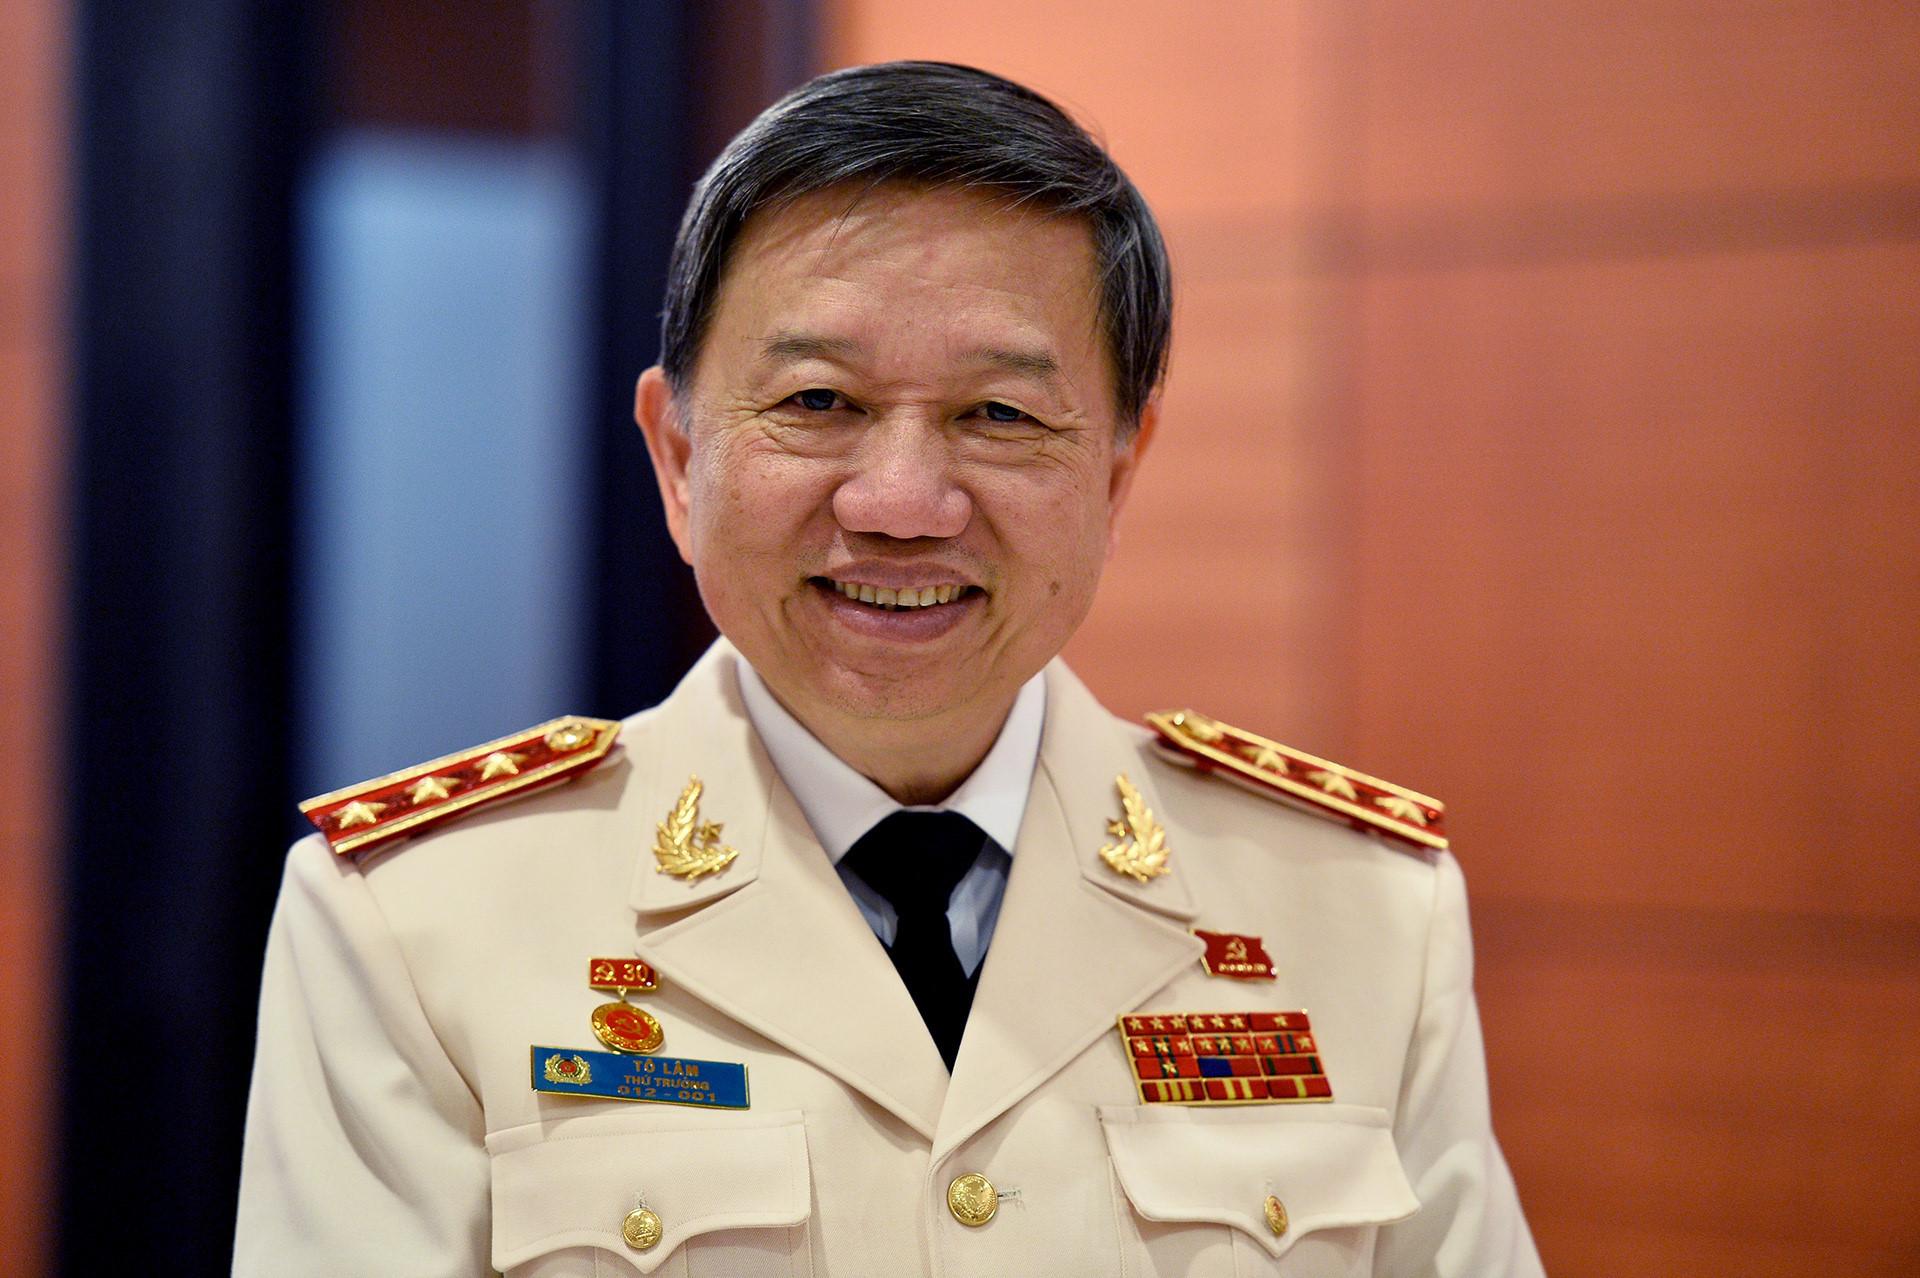 Bộ trưởng Tô Lâm: Bỏ hộ khẩu là đơn giản hóa thủ tục, không bỏ quản lý